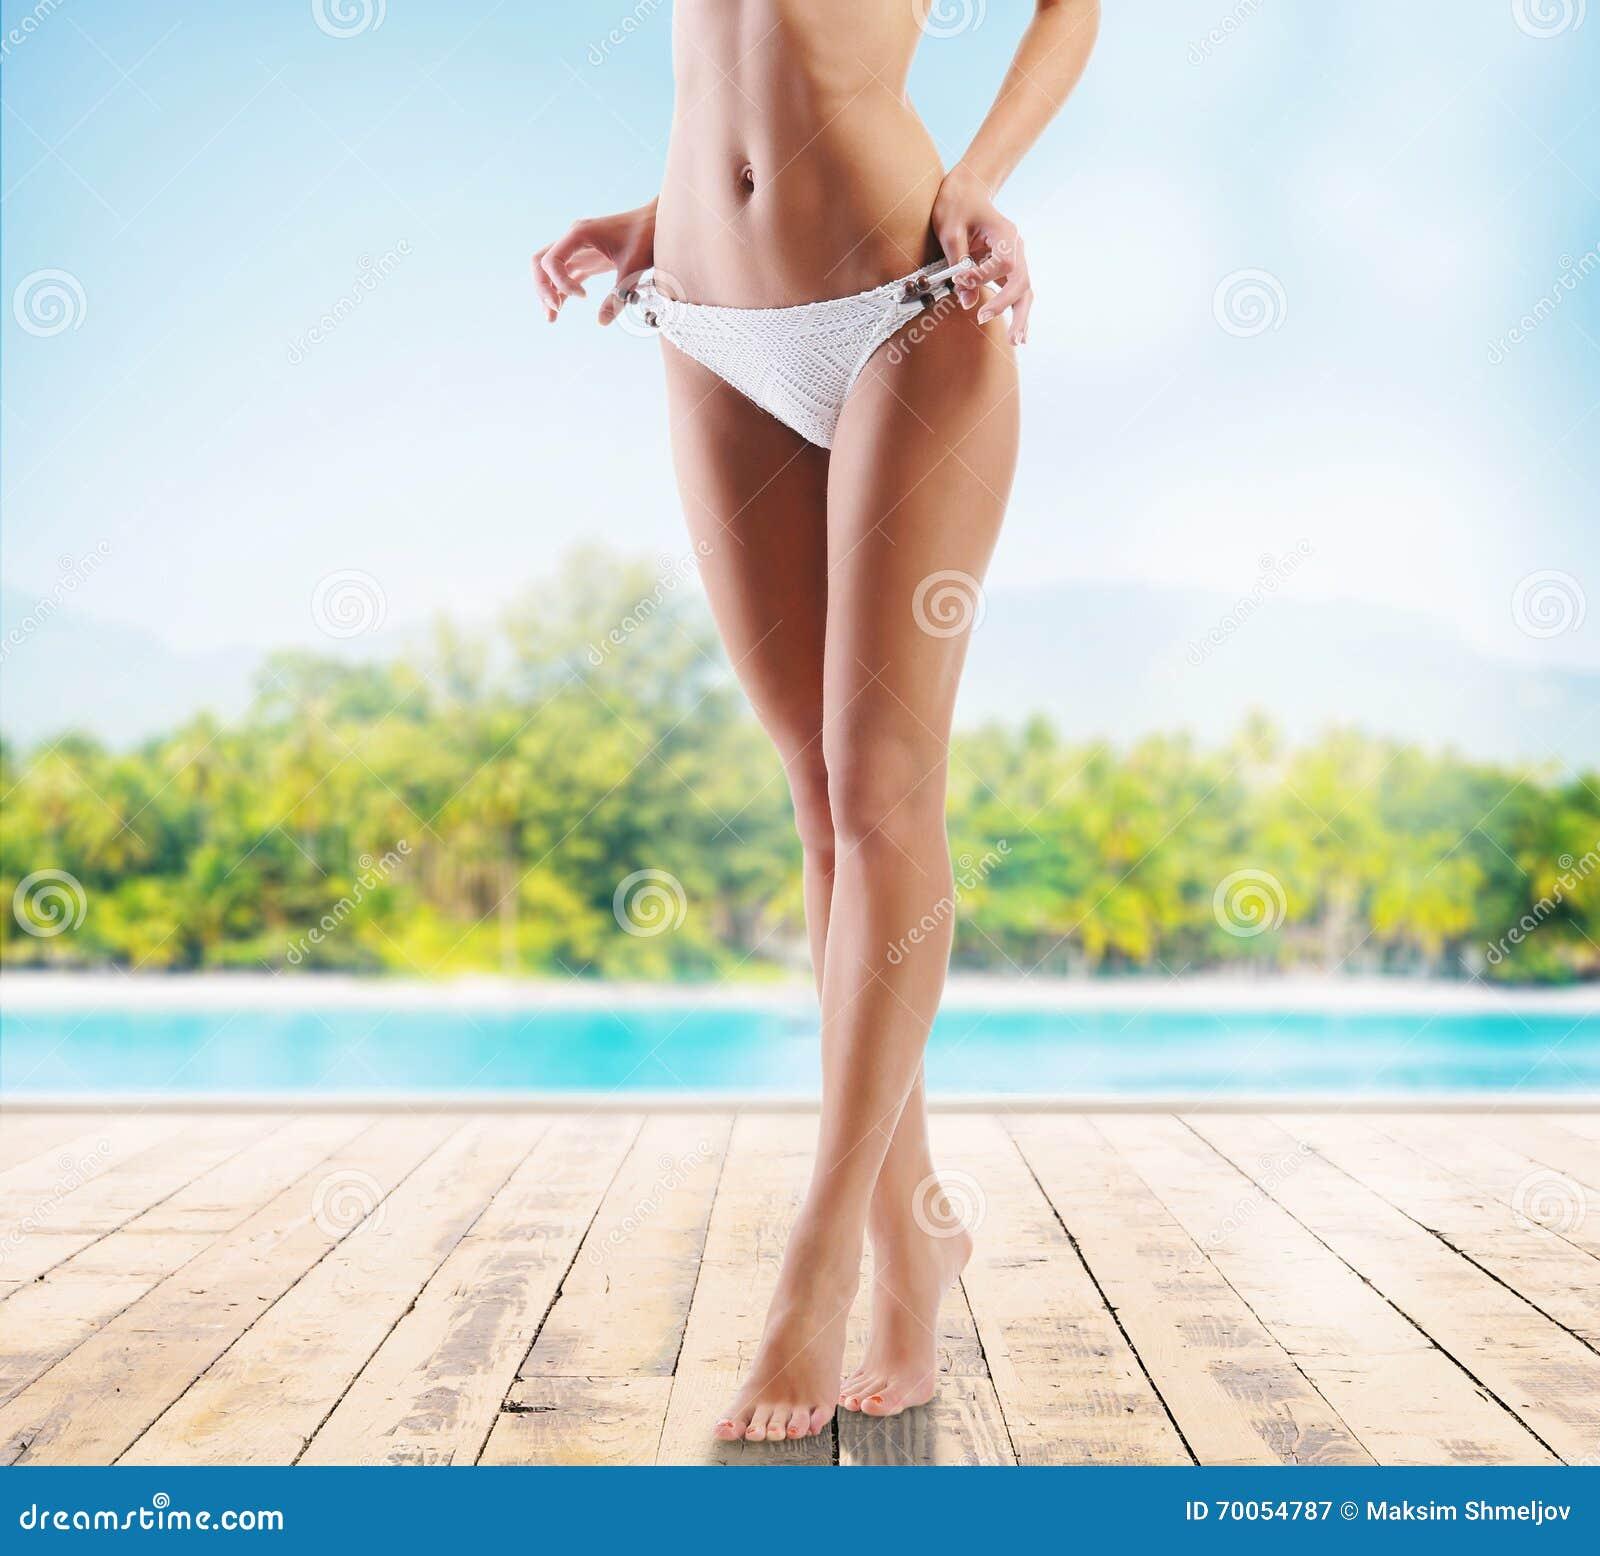 blondinku-sperma-krupnoe-foto-zhenskih-tel-erotika-porno-onlayn